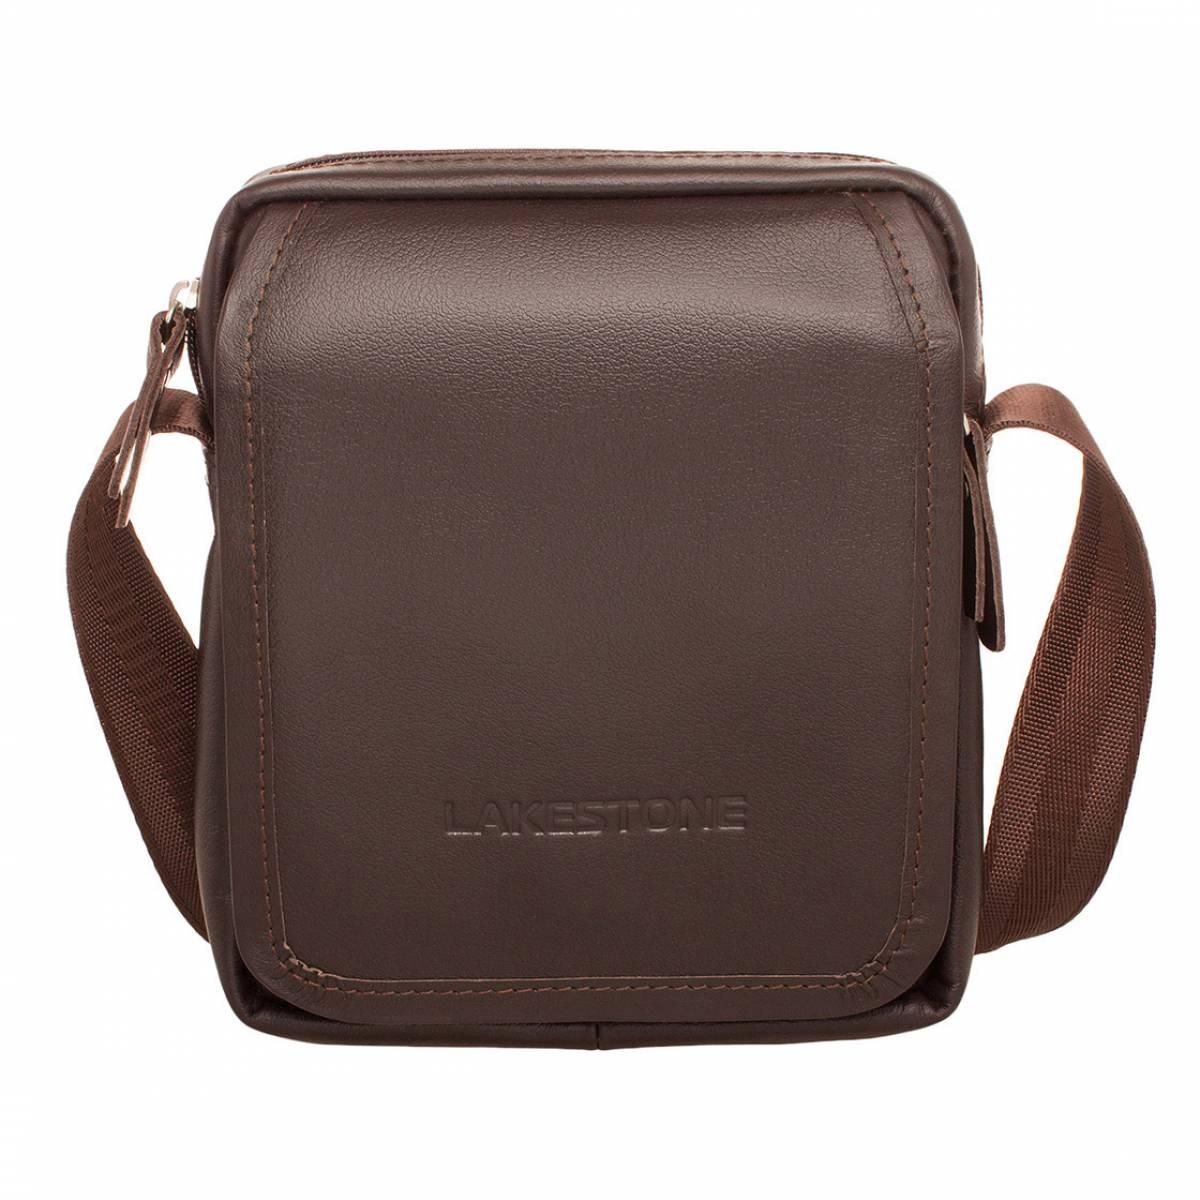 Небольшая кожаная сумка через плечо Parker Brown Lakestone